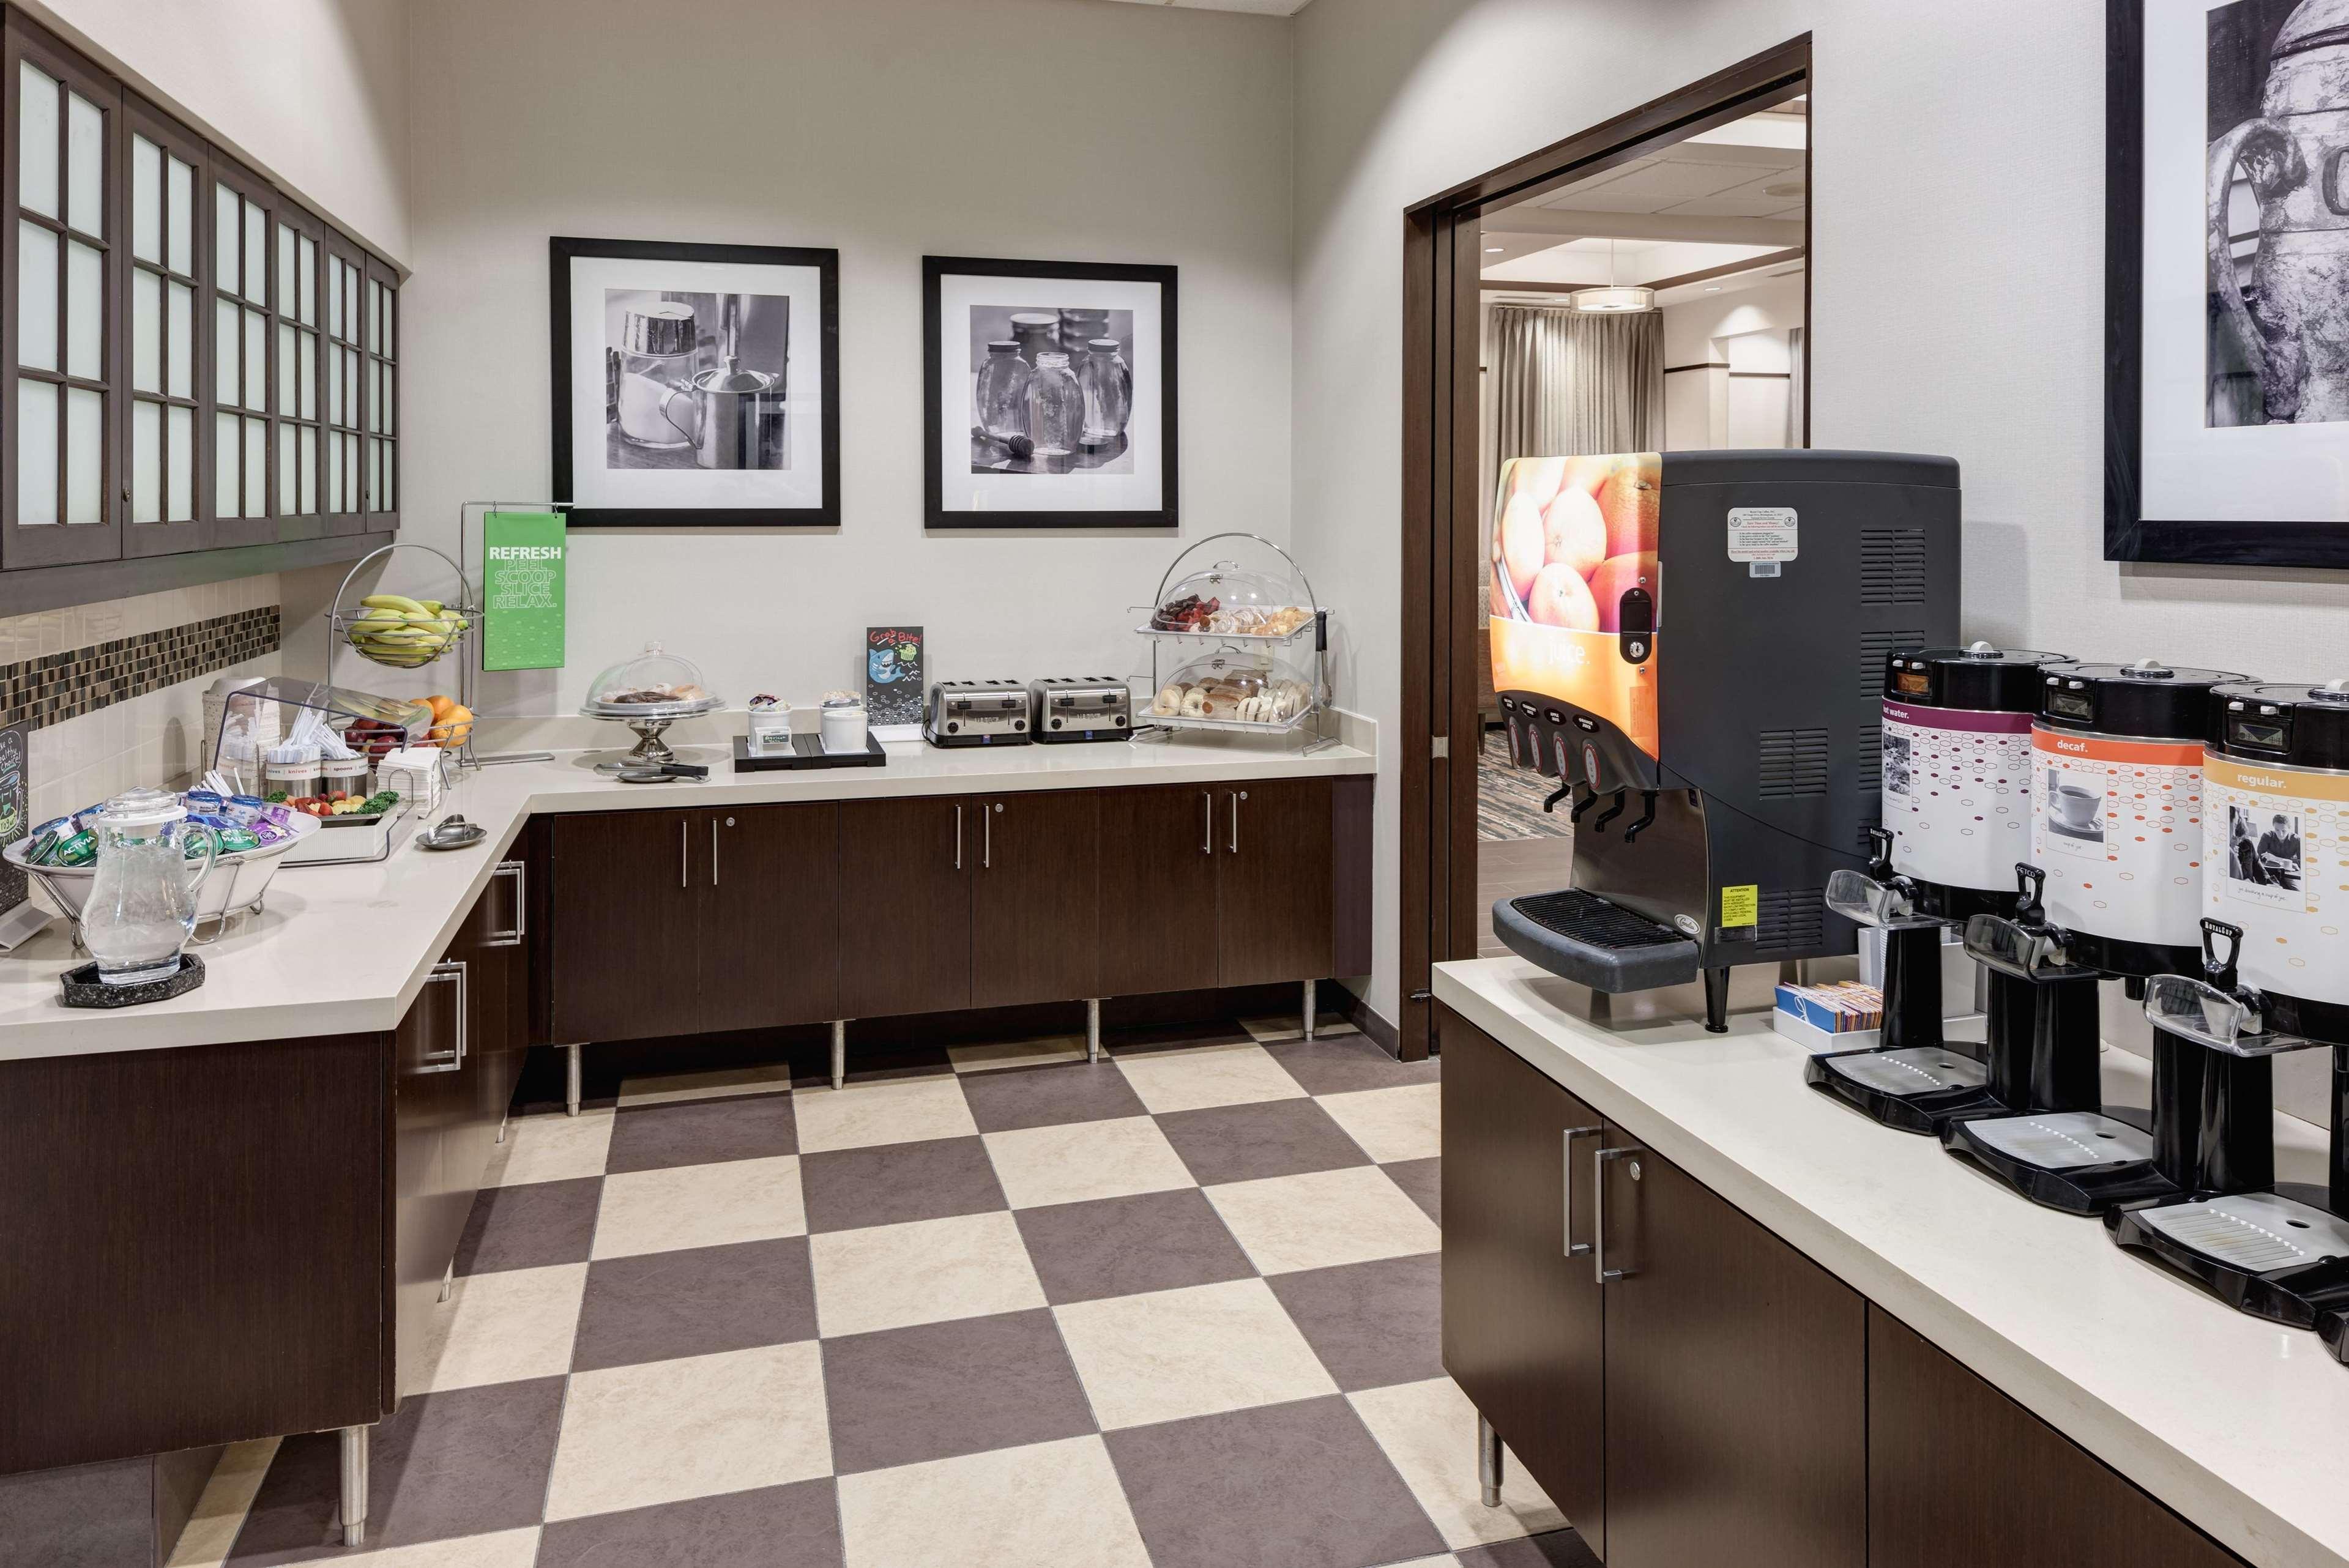 Hampton Inn & Suites Chicago-North Shore/Skokie image 22